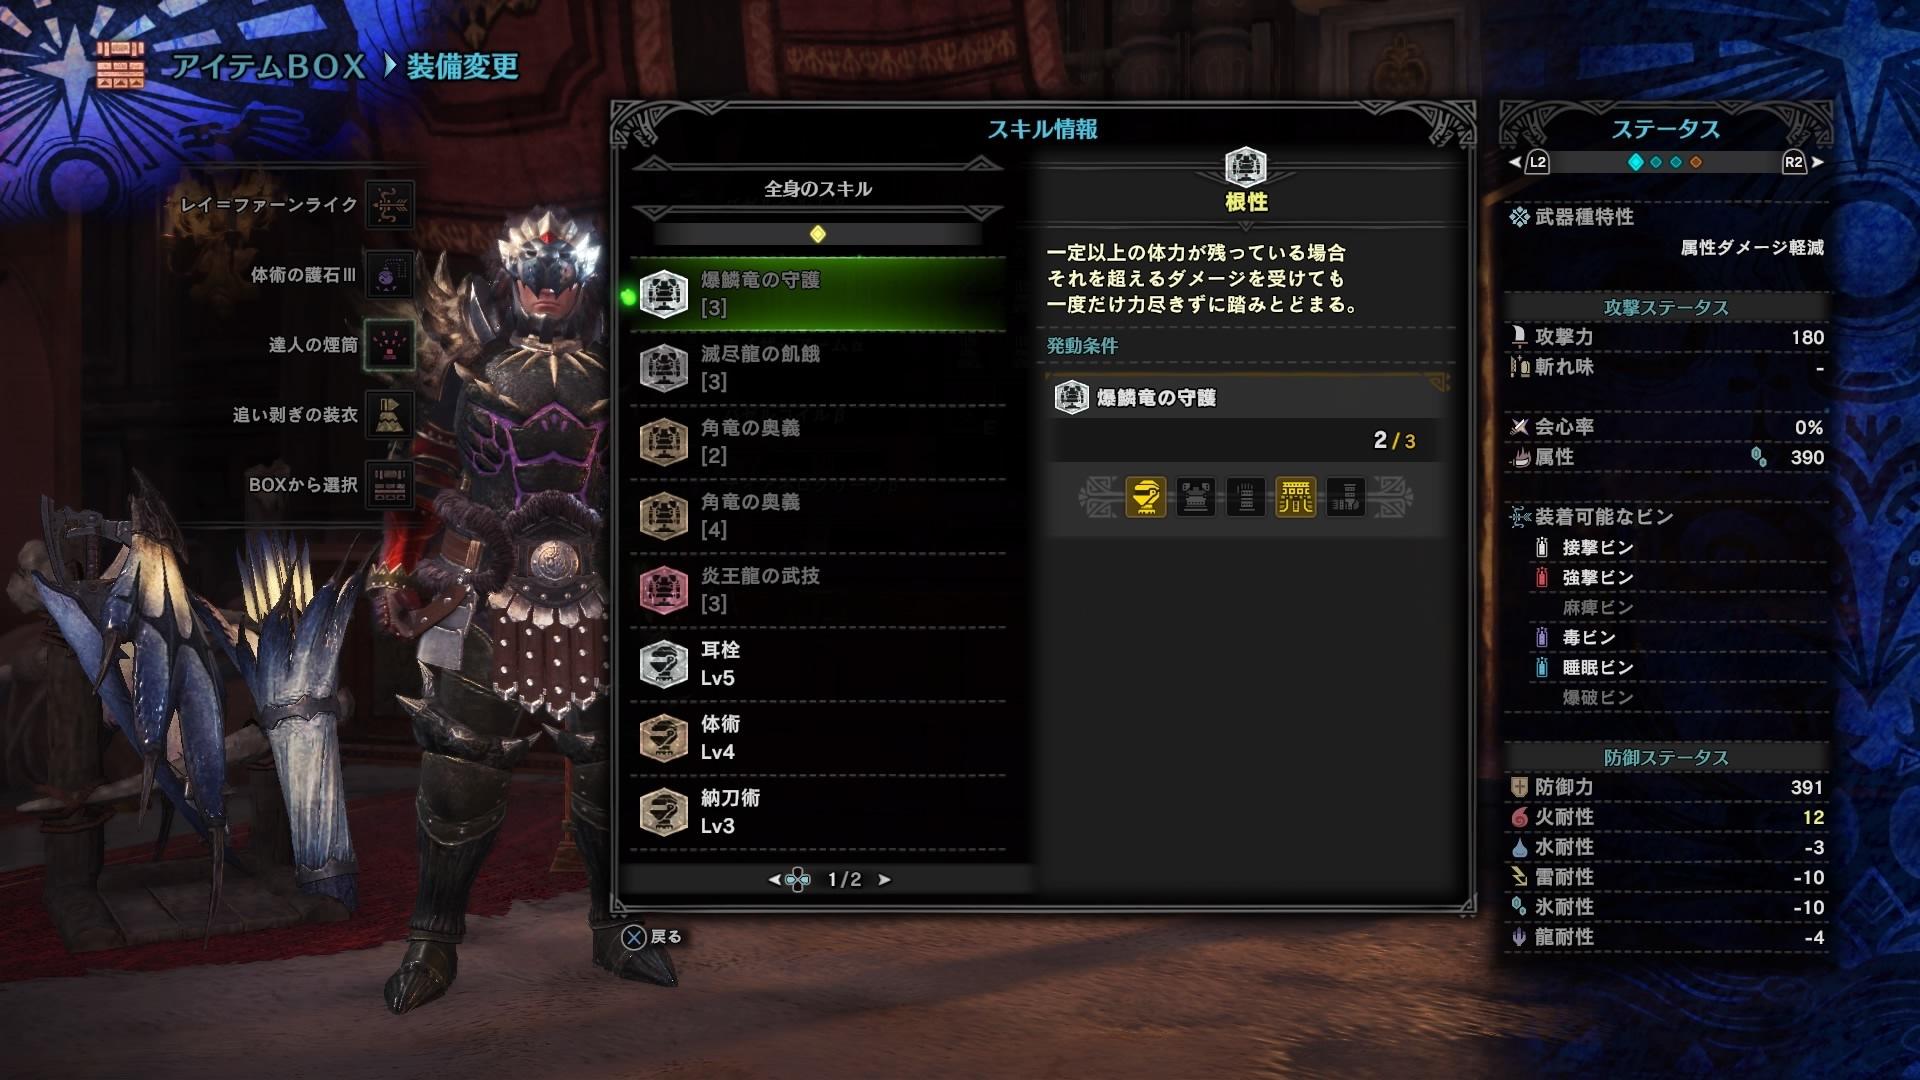 MHW_弓用装備c2